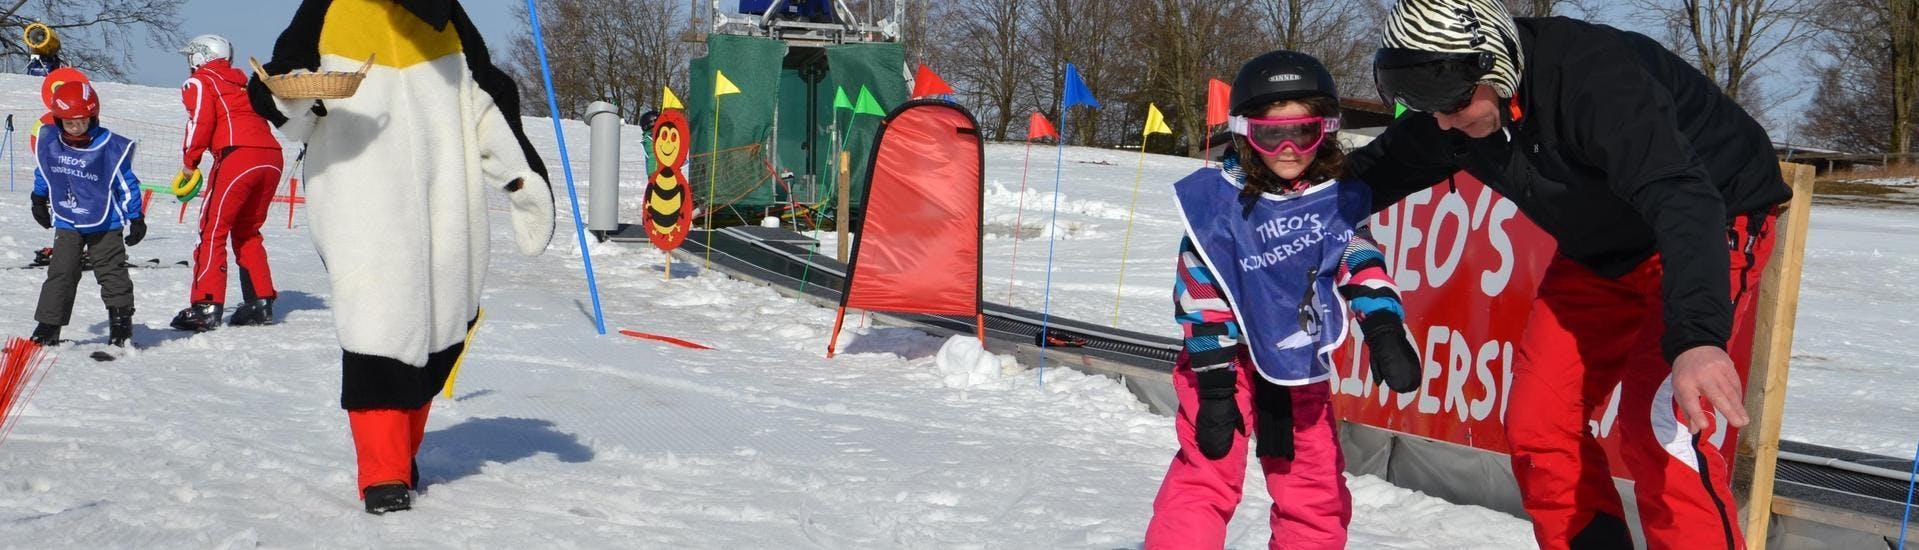 Ein Kind lernt das Skifahren im Rahmen des Angebots Privater Kinder Skikurs (ab 5 Jahren) für Alle Levels mit einem Skilehrer der DSV Skischule Züschen im Skigebiet Winterberg.